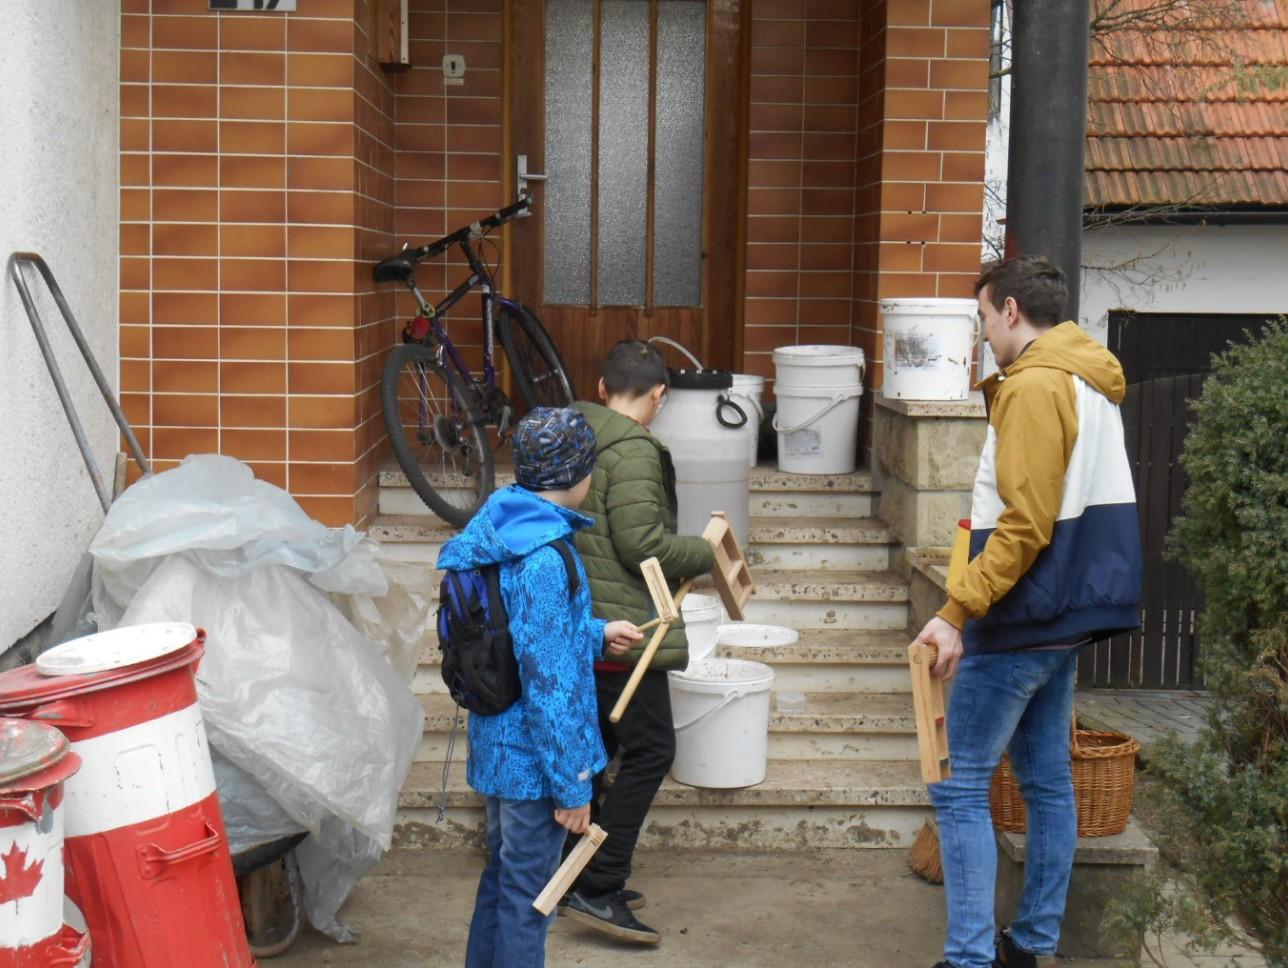 Hrkači obchází domy ve vesnici. FOTO: Dagmar Matulíková